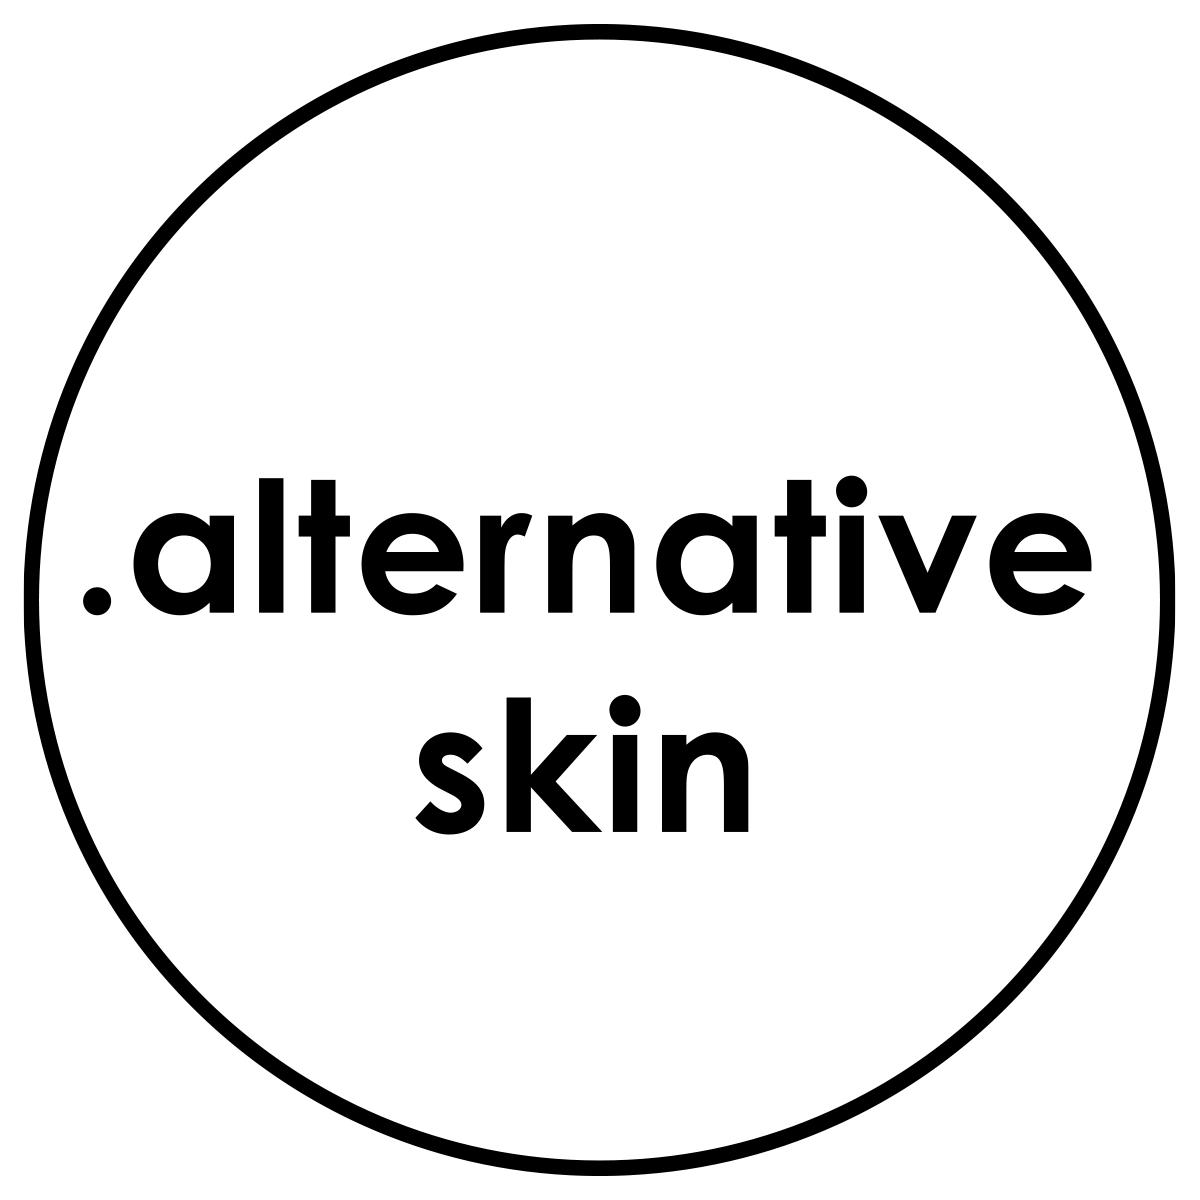 Alternative skin